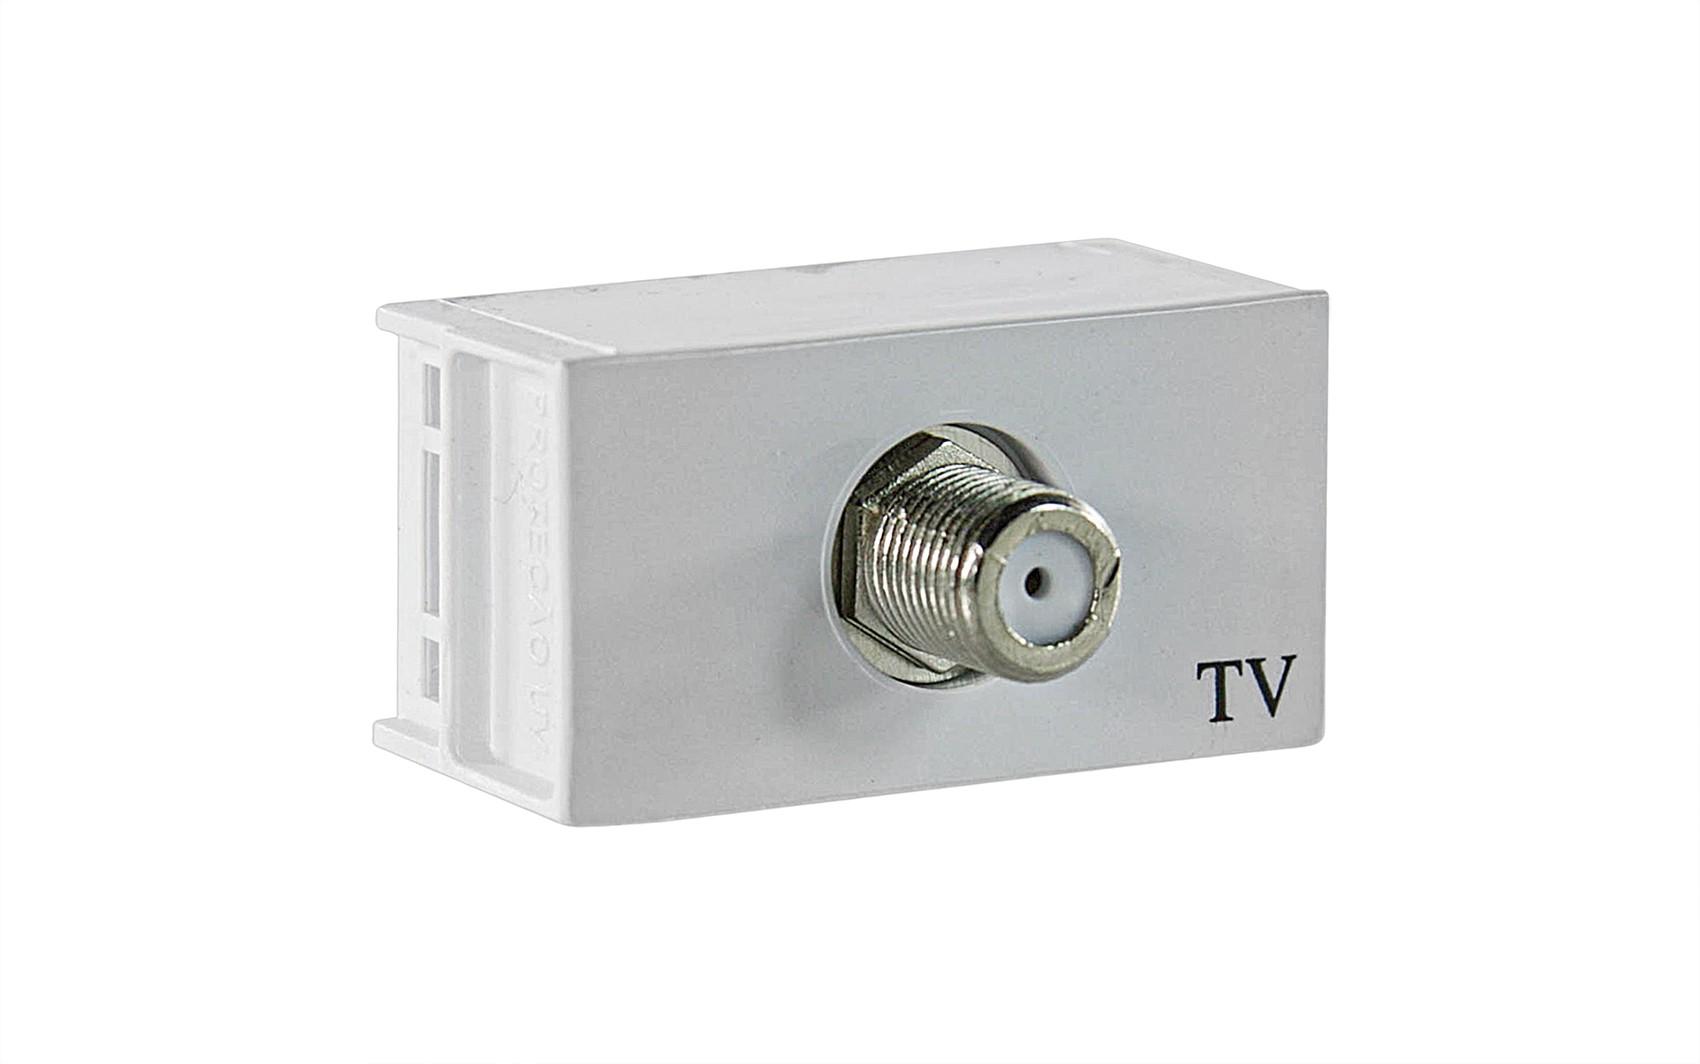 Módulo Tomada Antena Tv Slim 8163 Ilumi